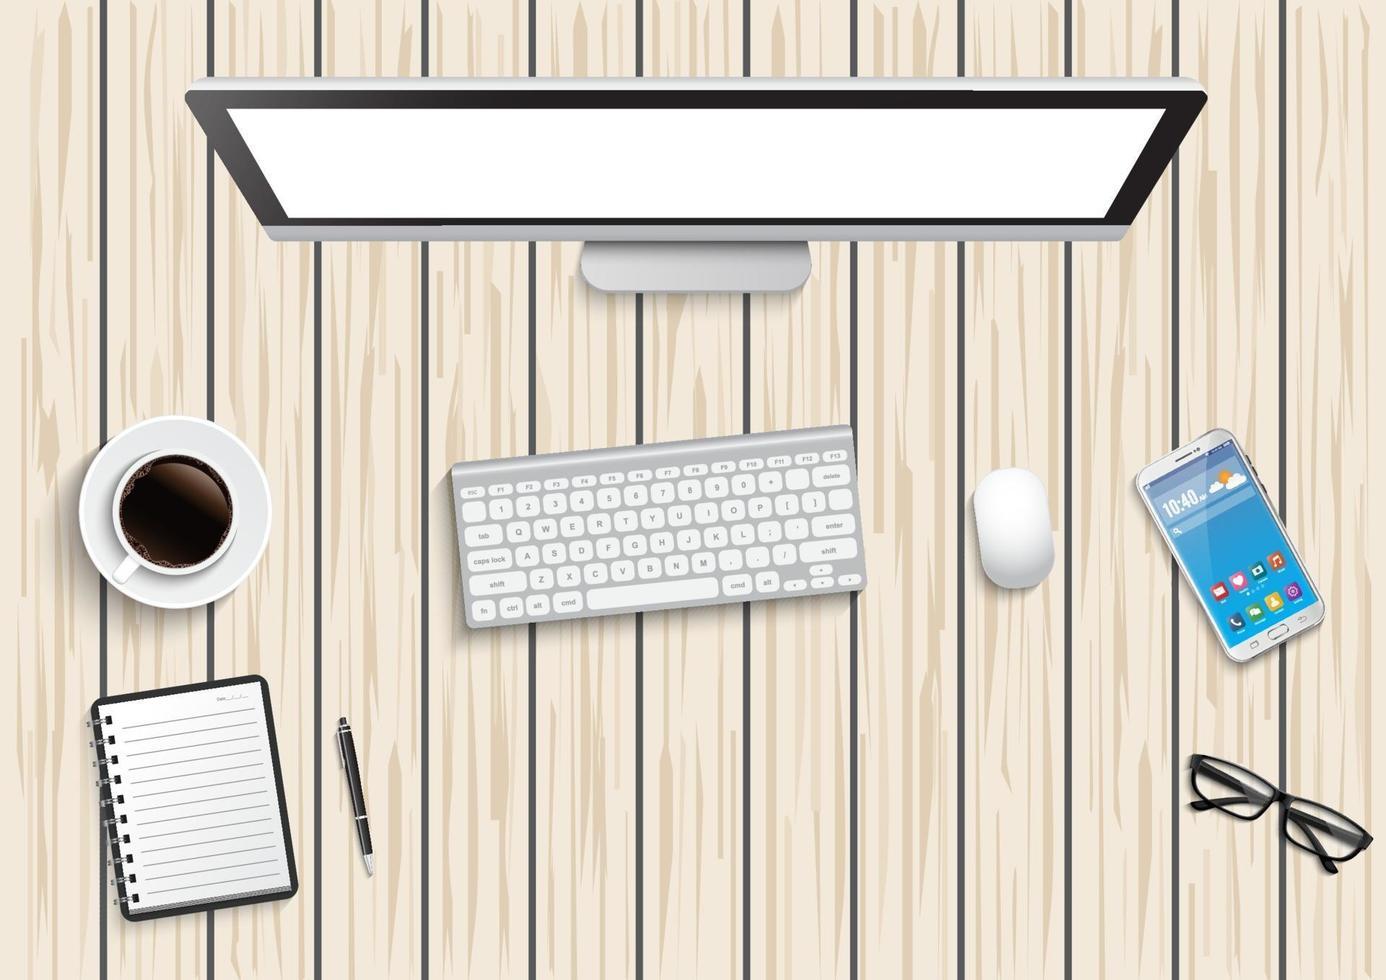 bureau de travail réaliste. table de bureau vue de dessus. ordinateur personnel avec clavier, smartphone, lunettes, note ouverte sur un bureau en bois. vecteur